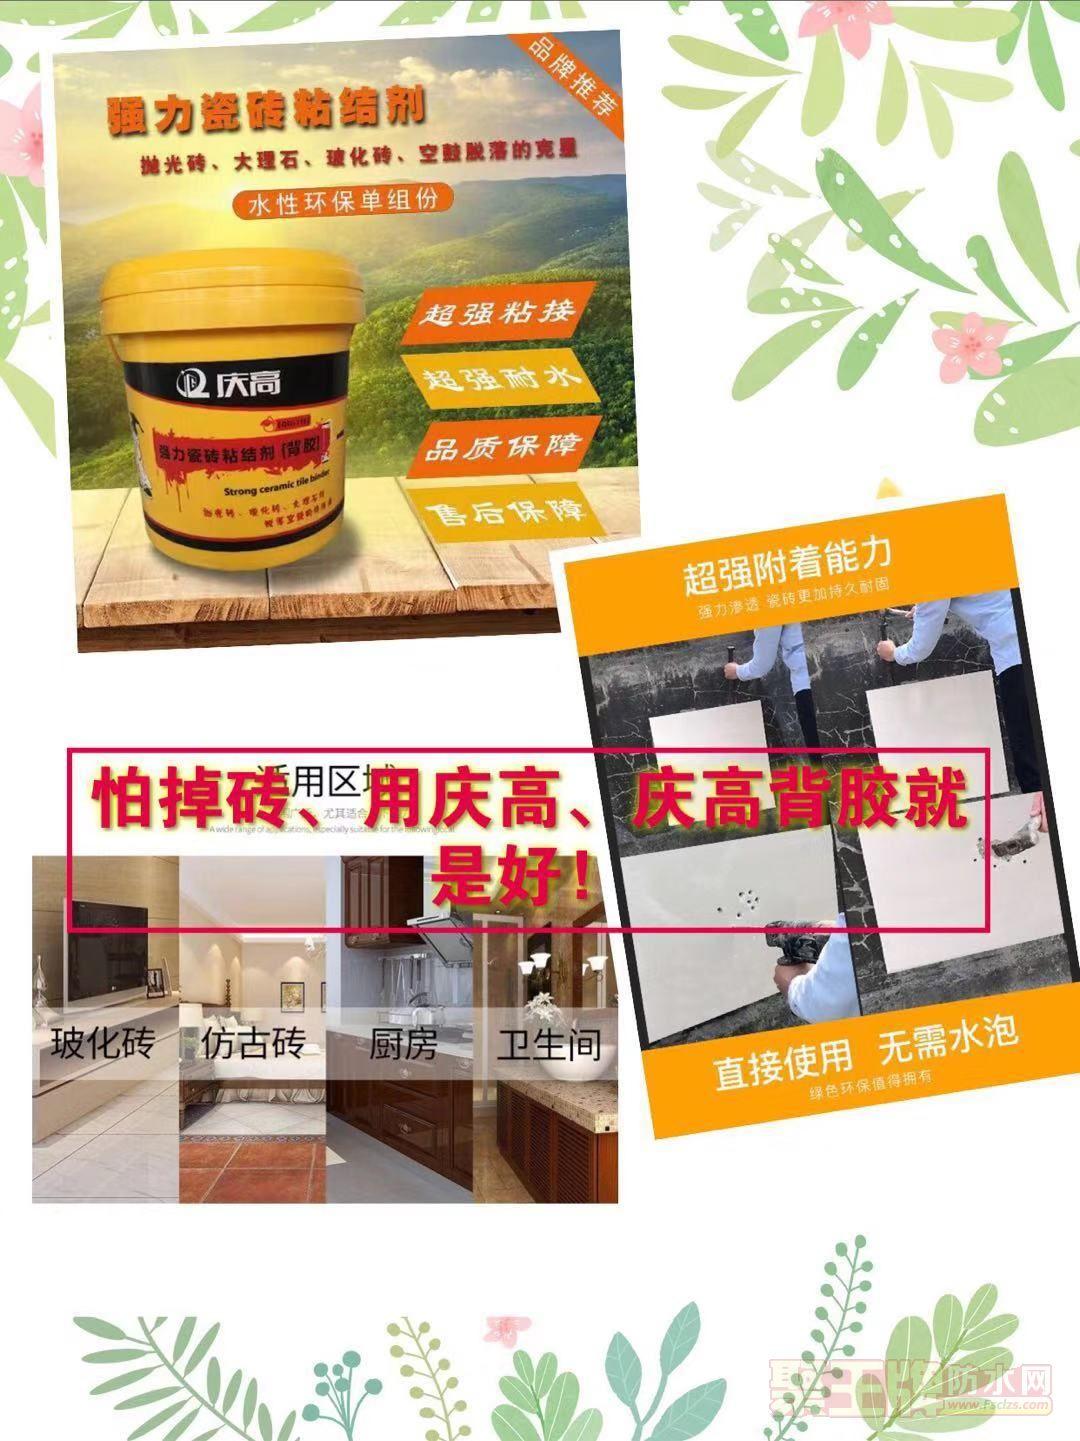 中国著名品牌庆高瓷砖背胶生产厂家